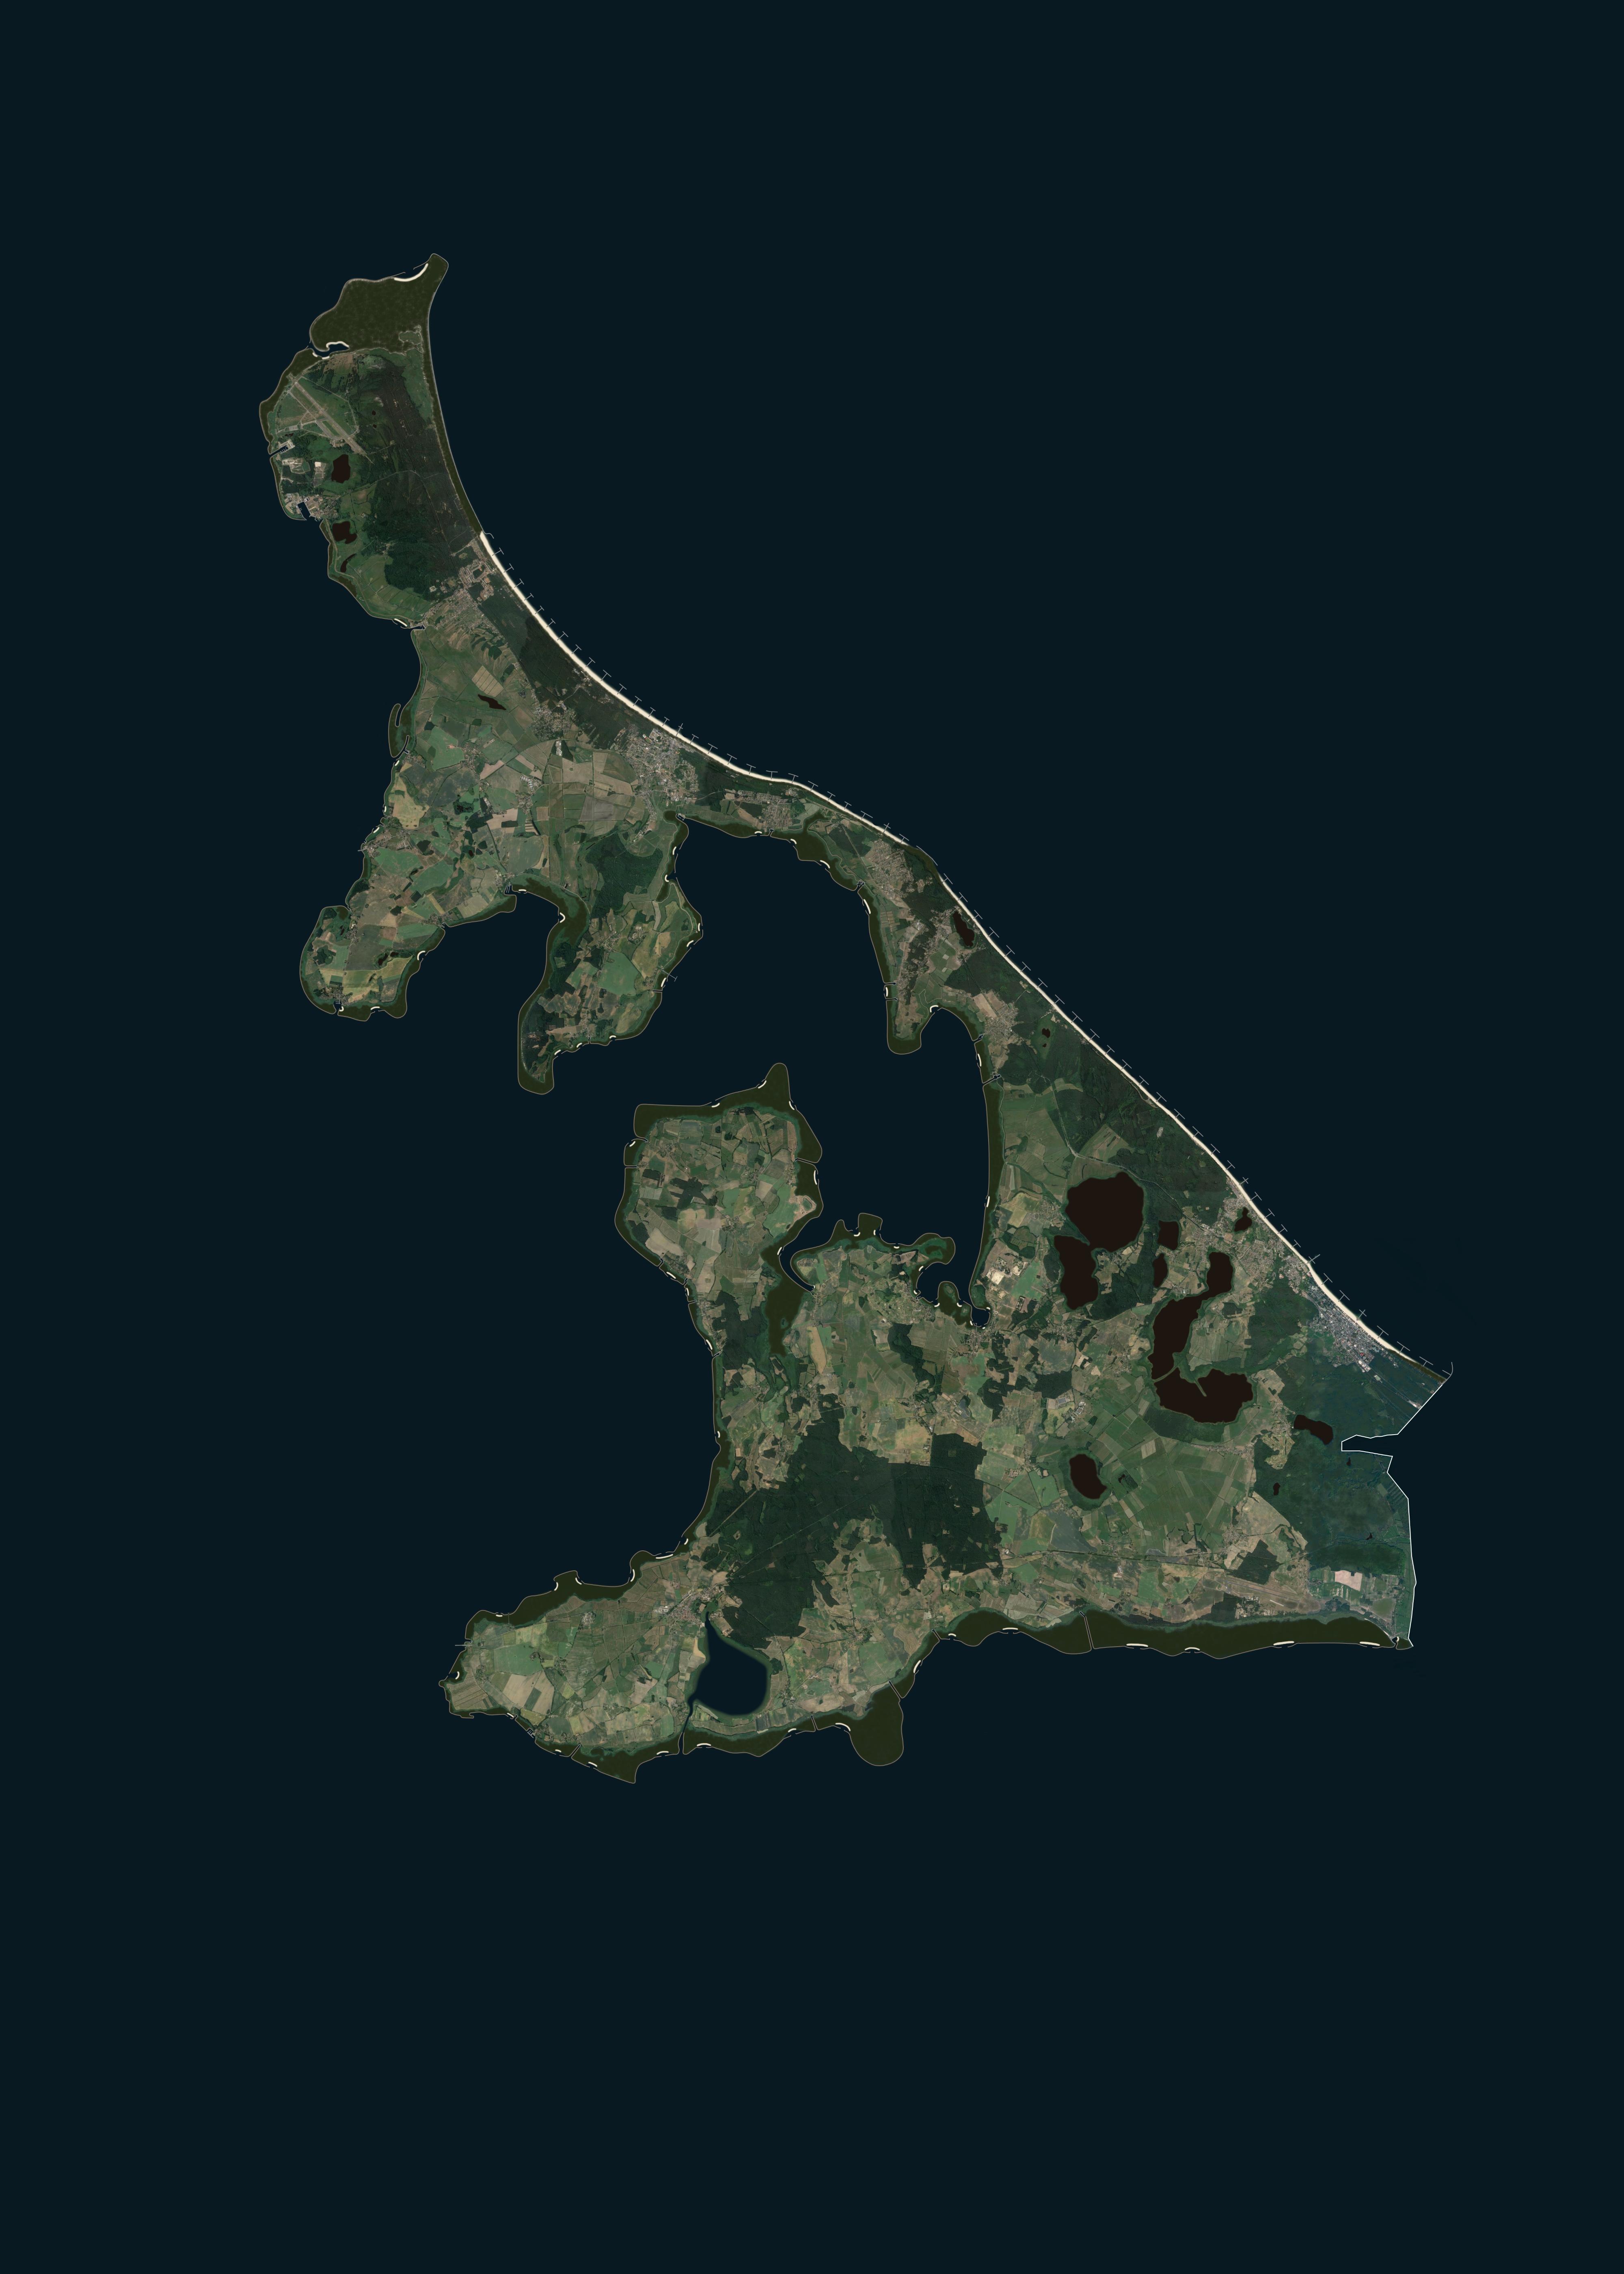 Usedom, landgewinnung, küstenschutz, insel, eindeichung, naturschutz, sturmflut, vergrößerung